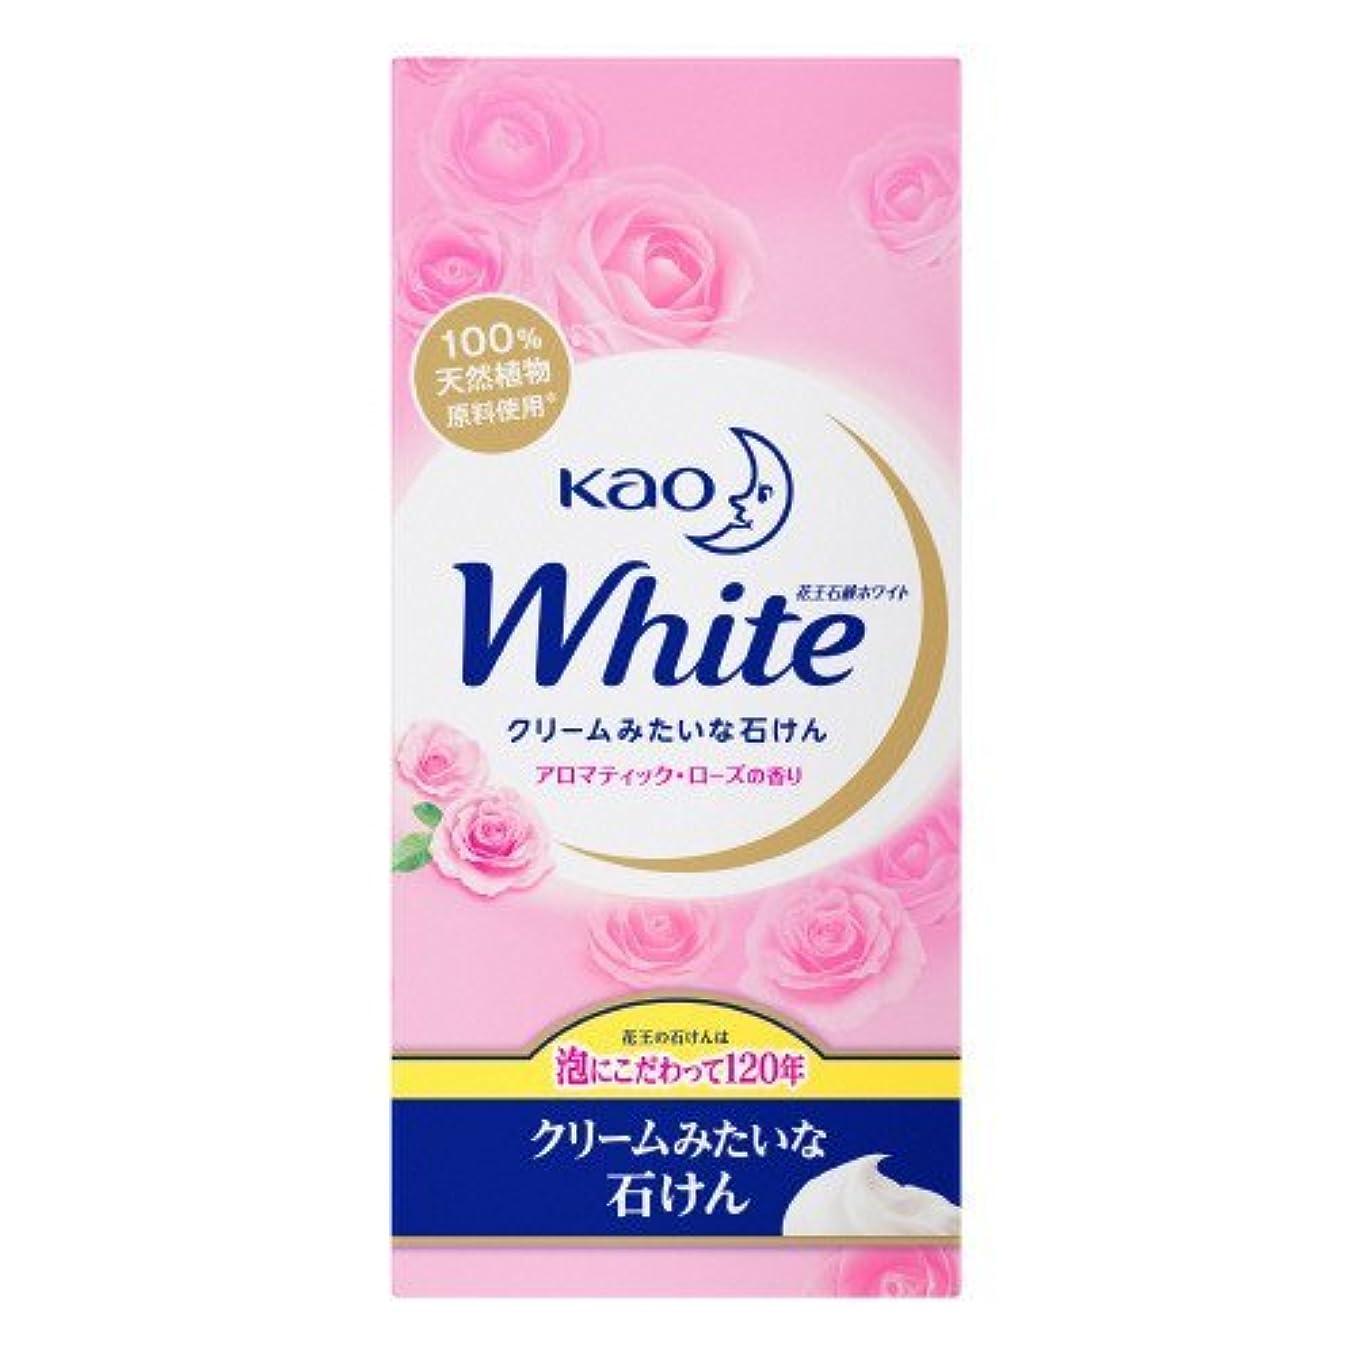 返済クモ内陸【花王】花王ホワイト アロマティックローズの香りレギュラーサイズ (85g×6個) ×20個セット